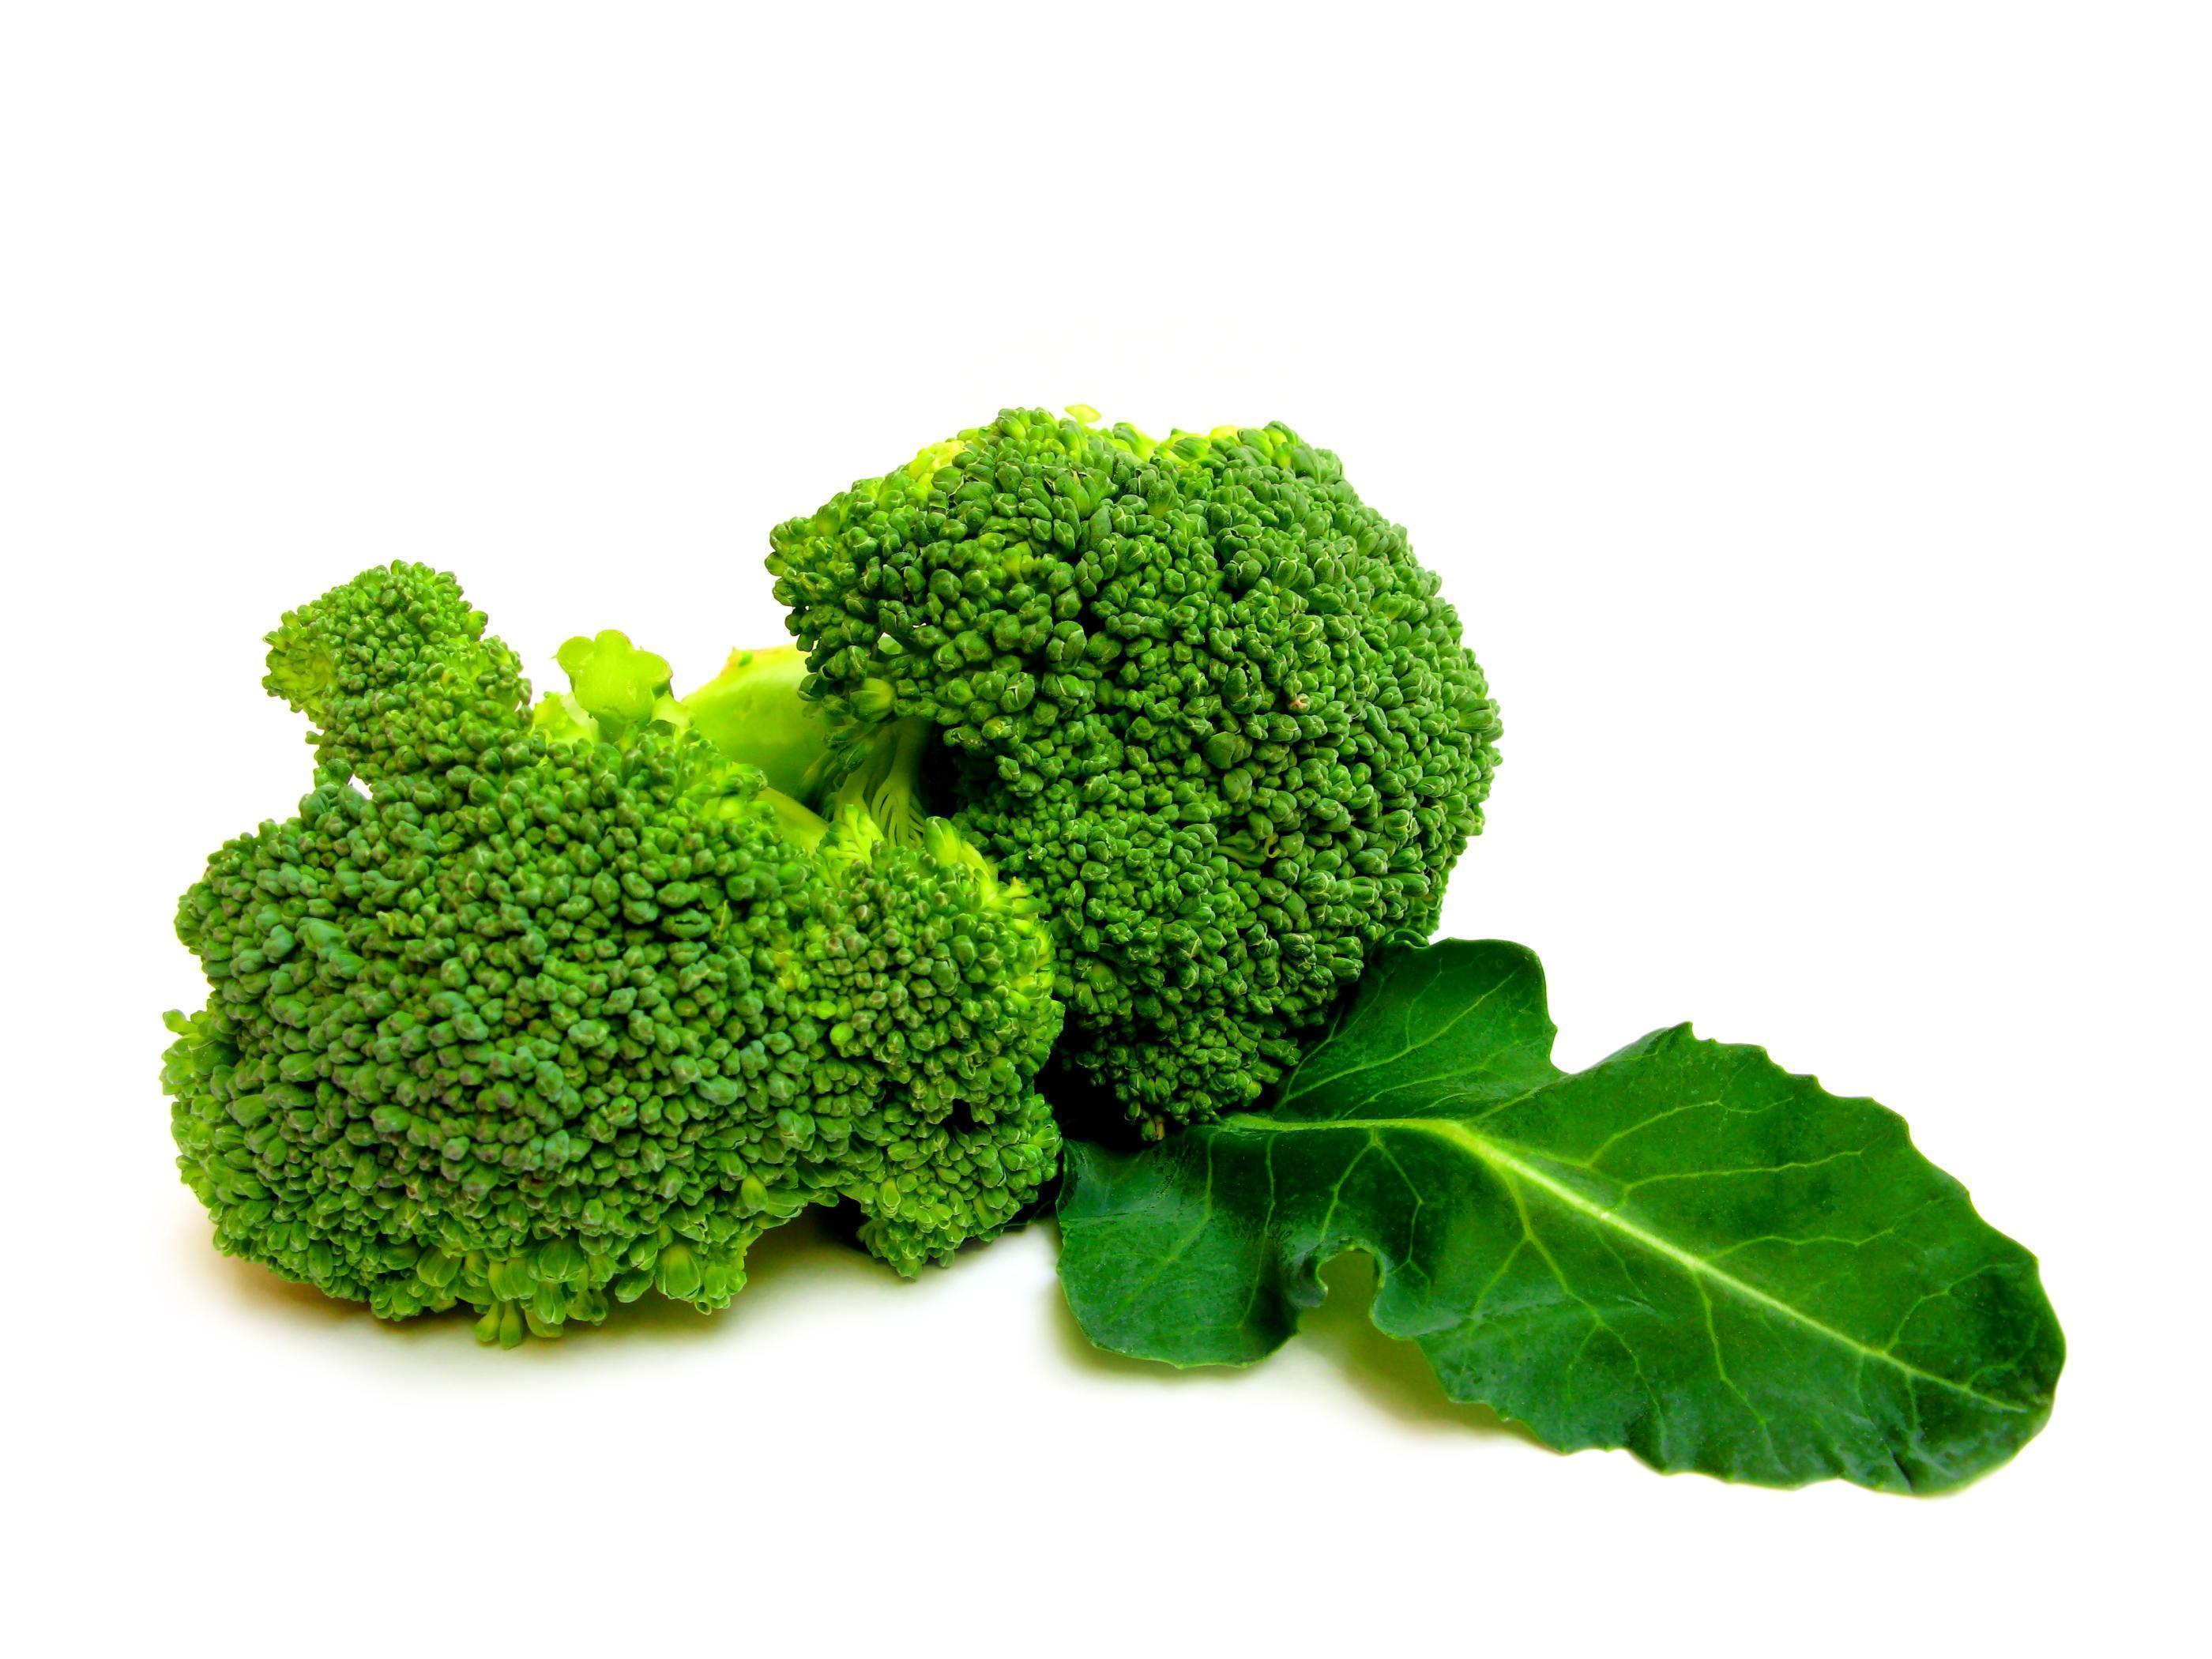 Verduras Que Ajudam A Emagrecer de Maneira Saudável